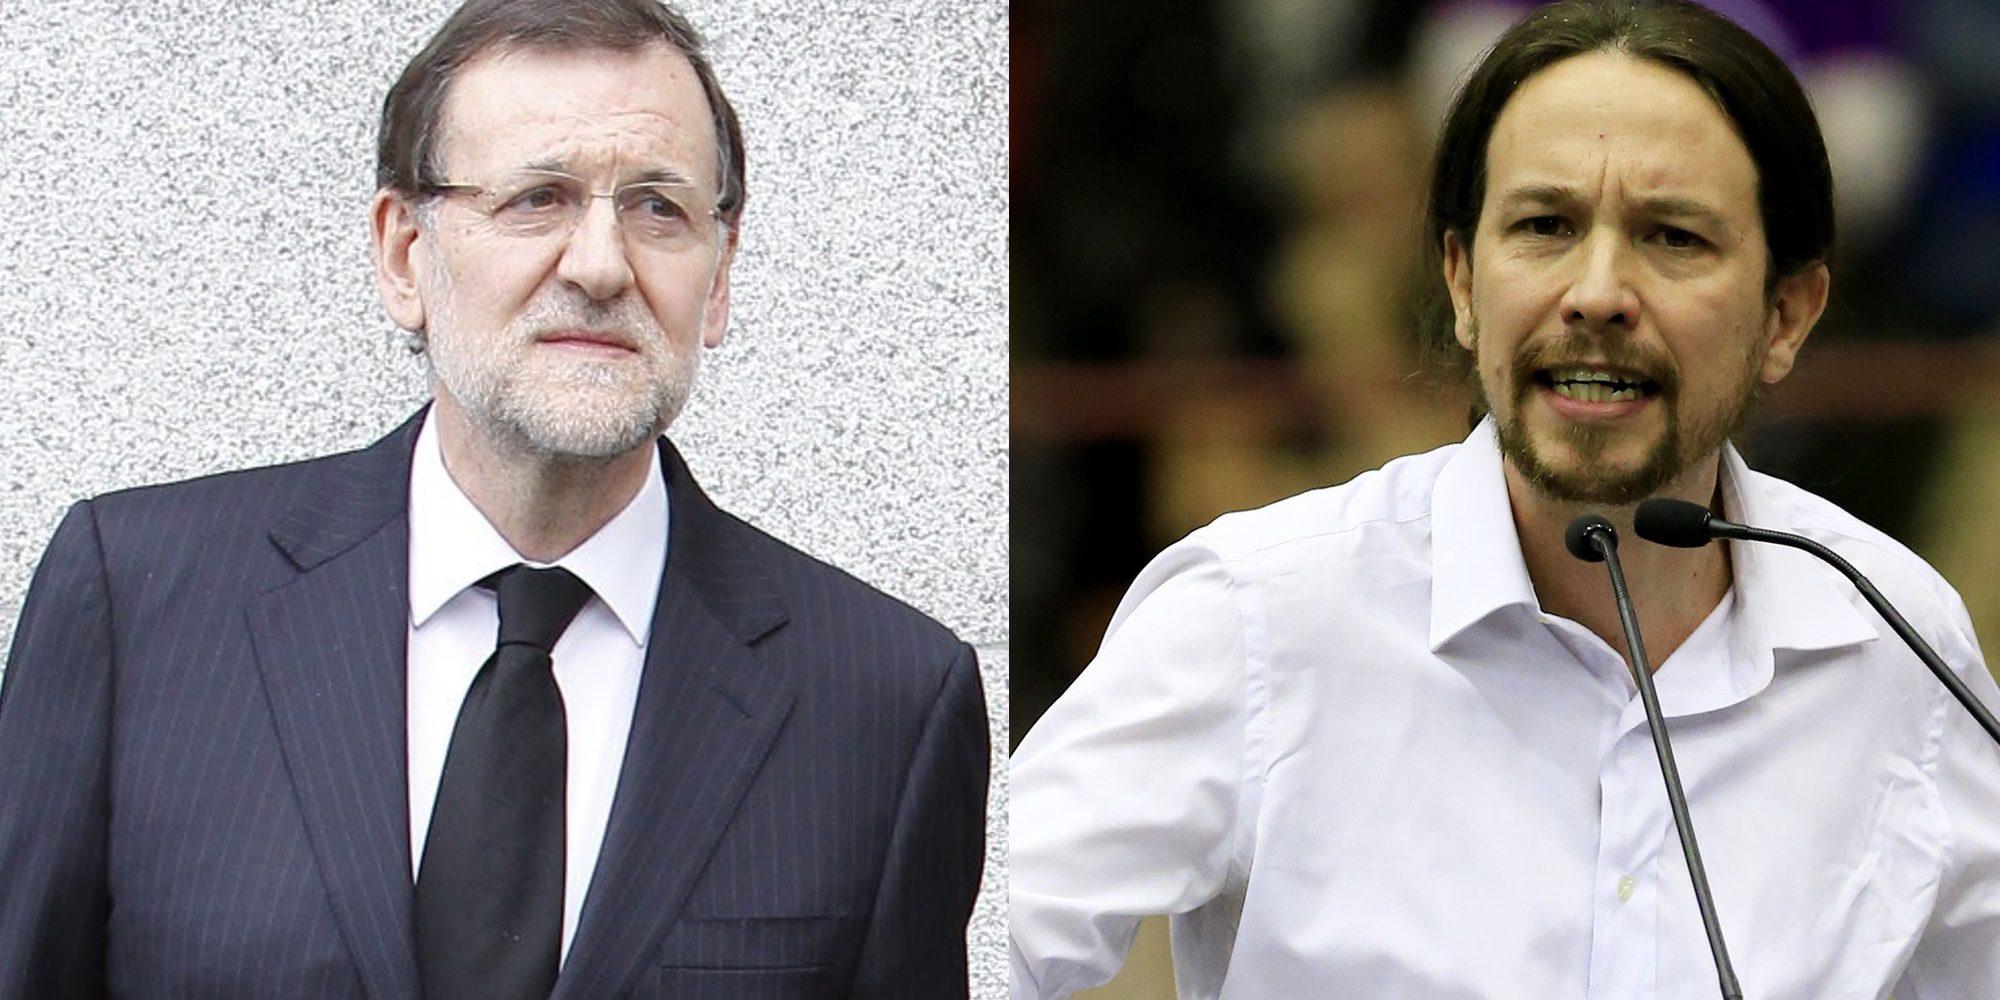 Mariano Rajoy, Pablo Iglesias y Quique Peinado reaccionan a la muerte de Rita Barberá